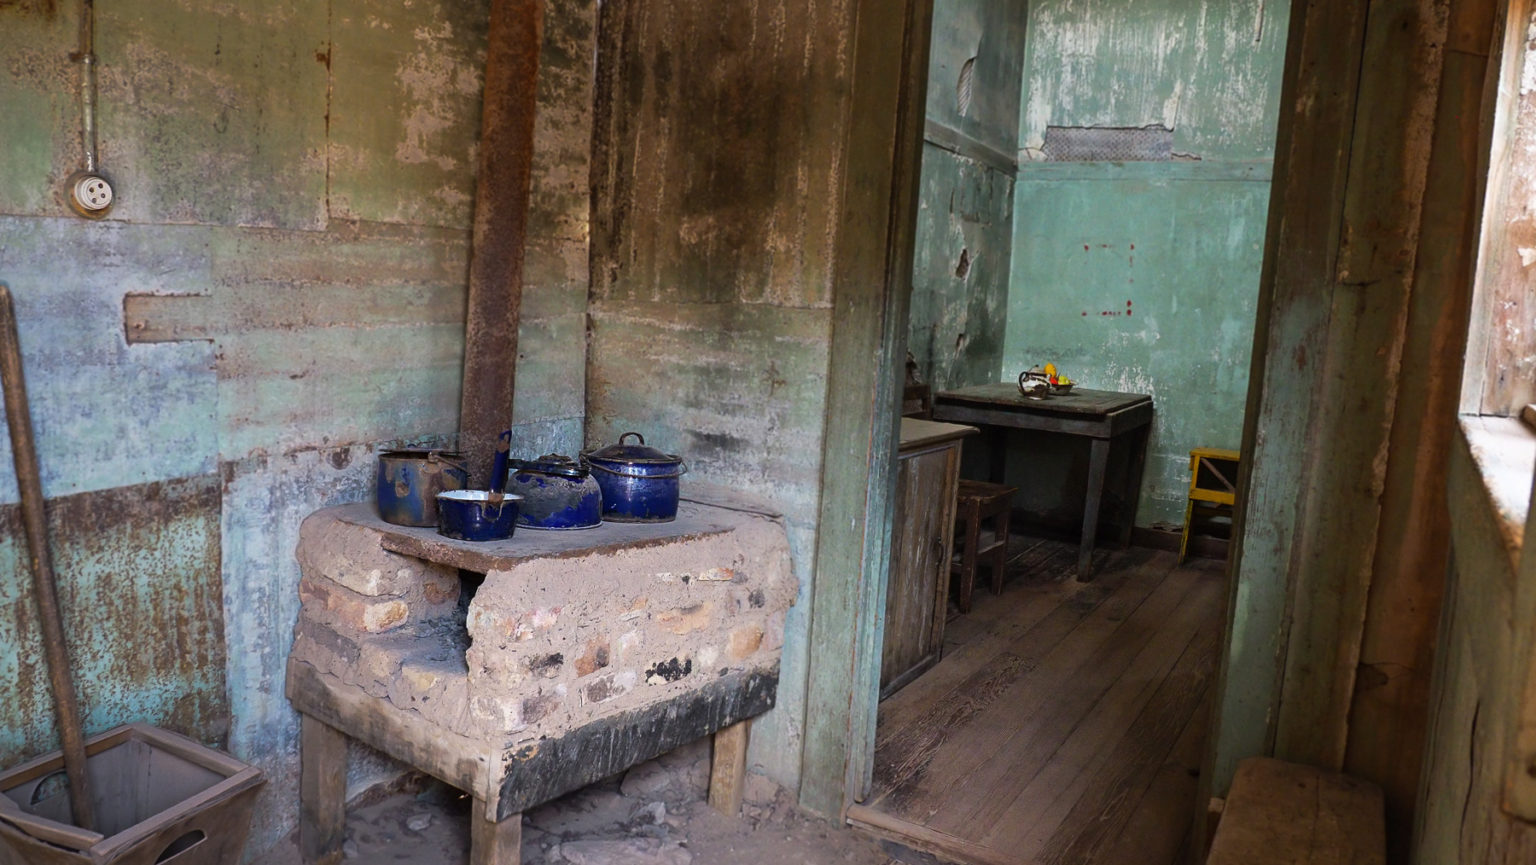 Verlassene Wohnhäuser in Humberstone